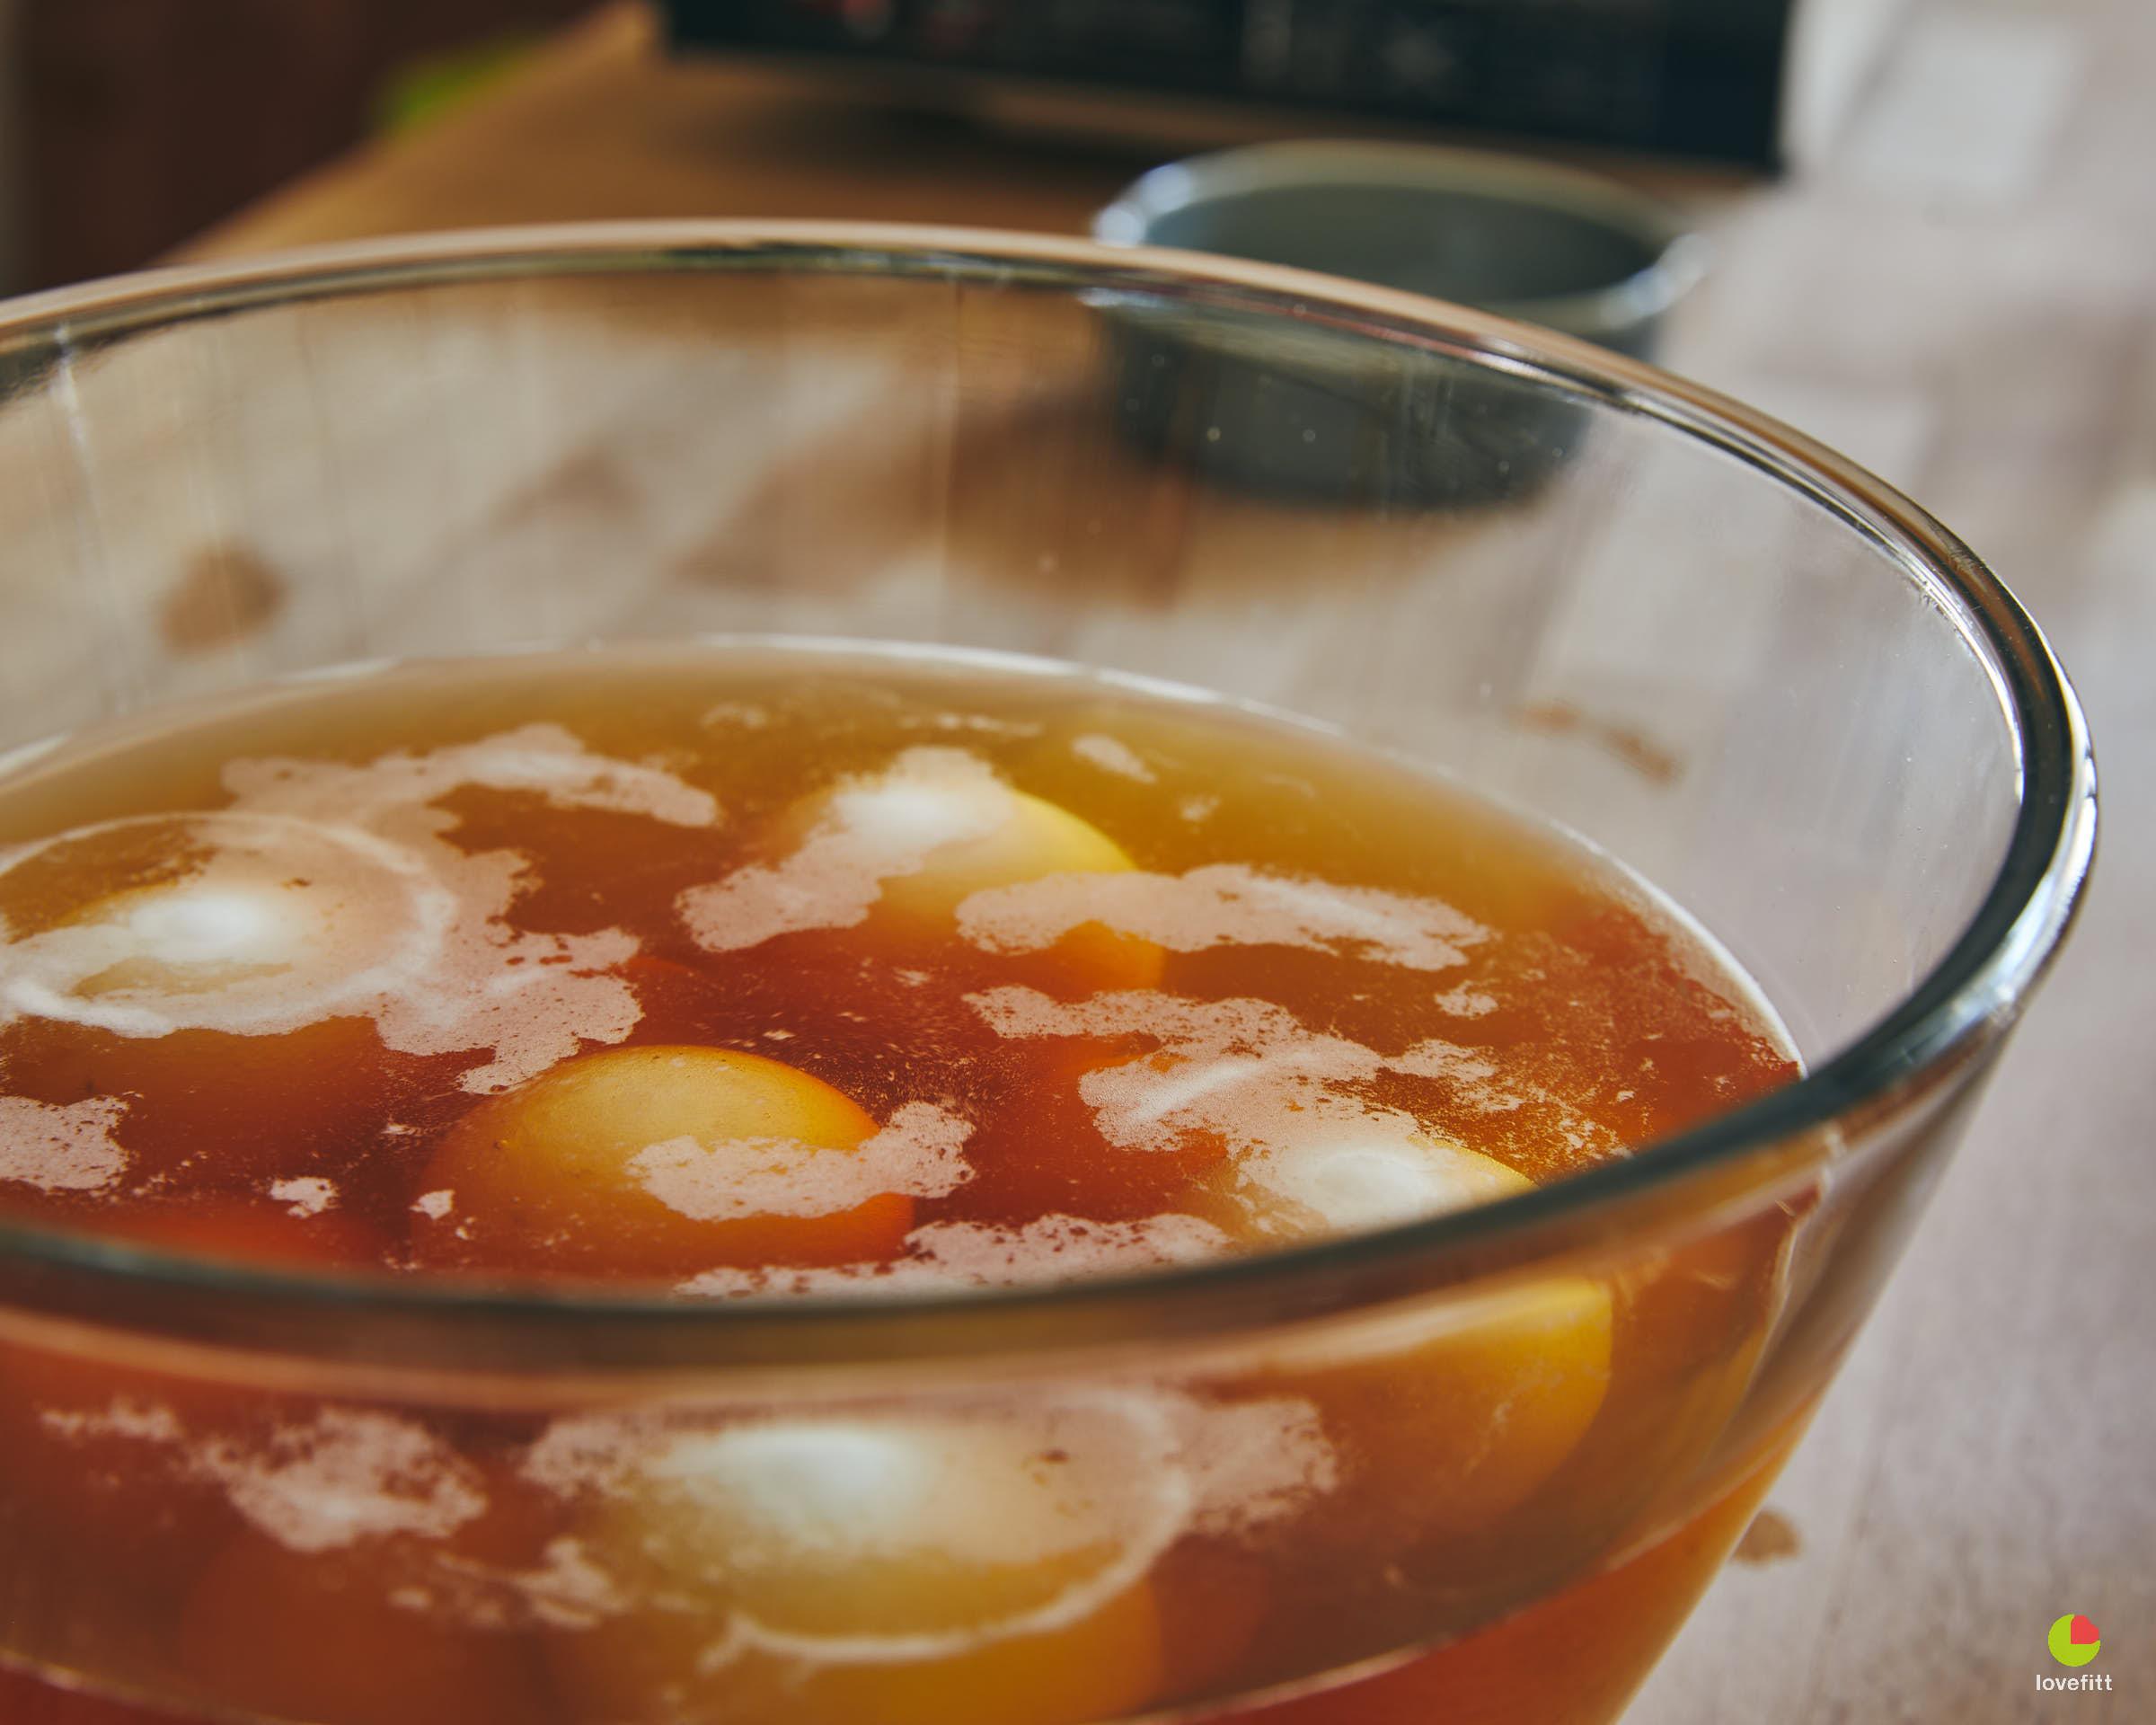 ล้างไข่ด้วยน้ำส้มสายชูกลั่น